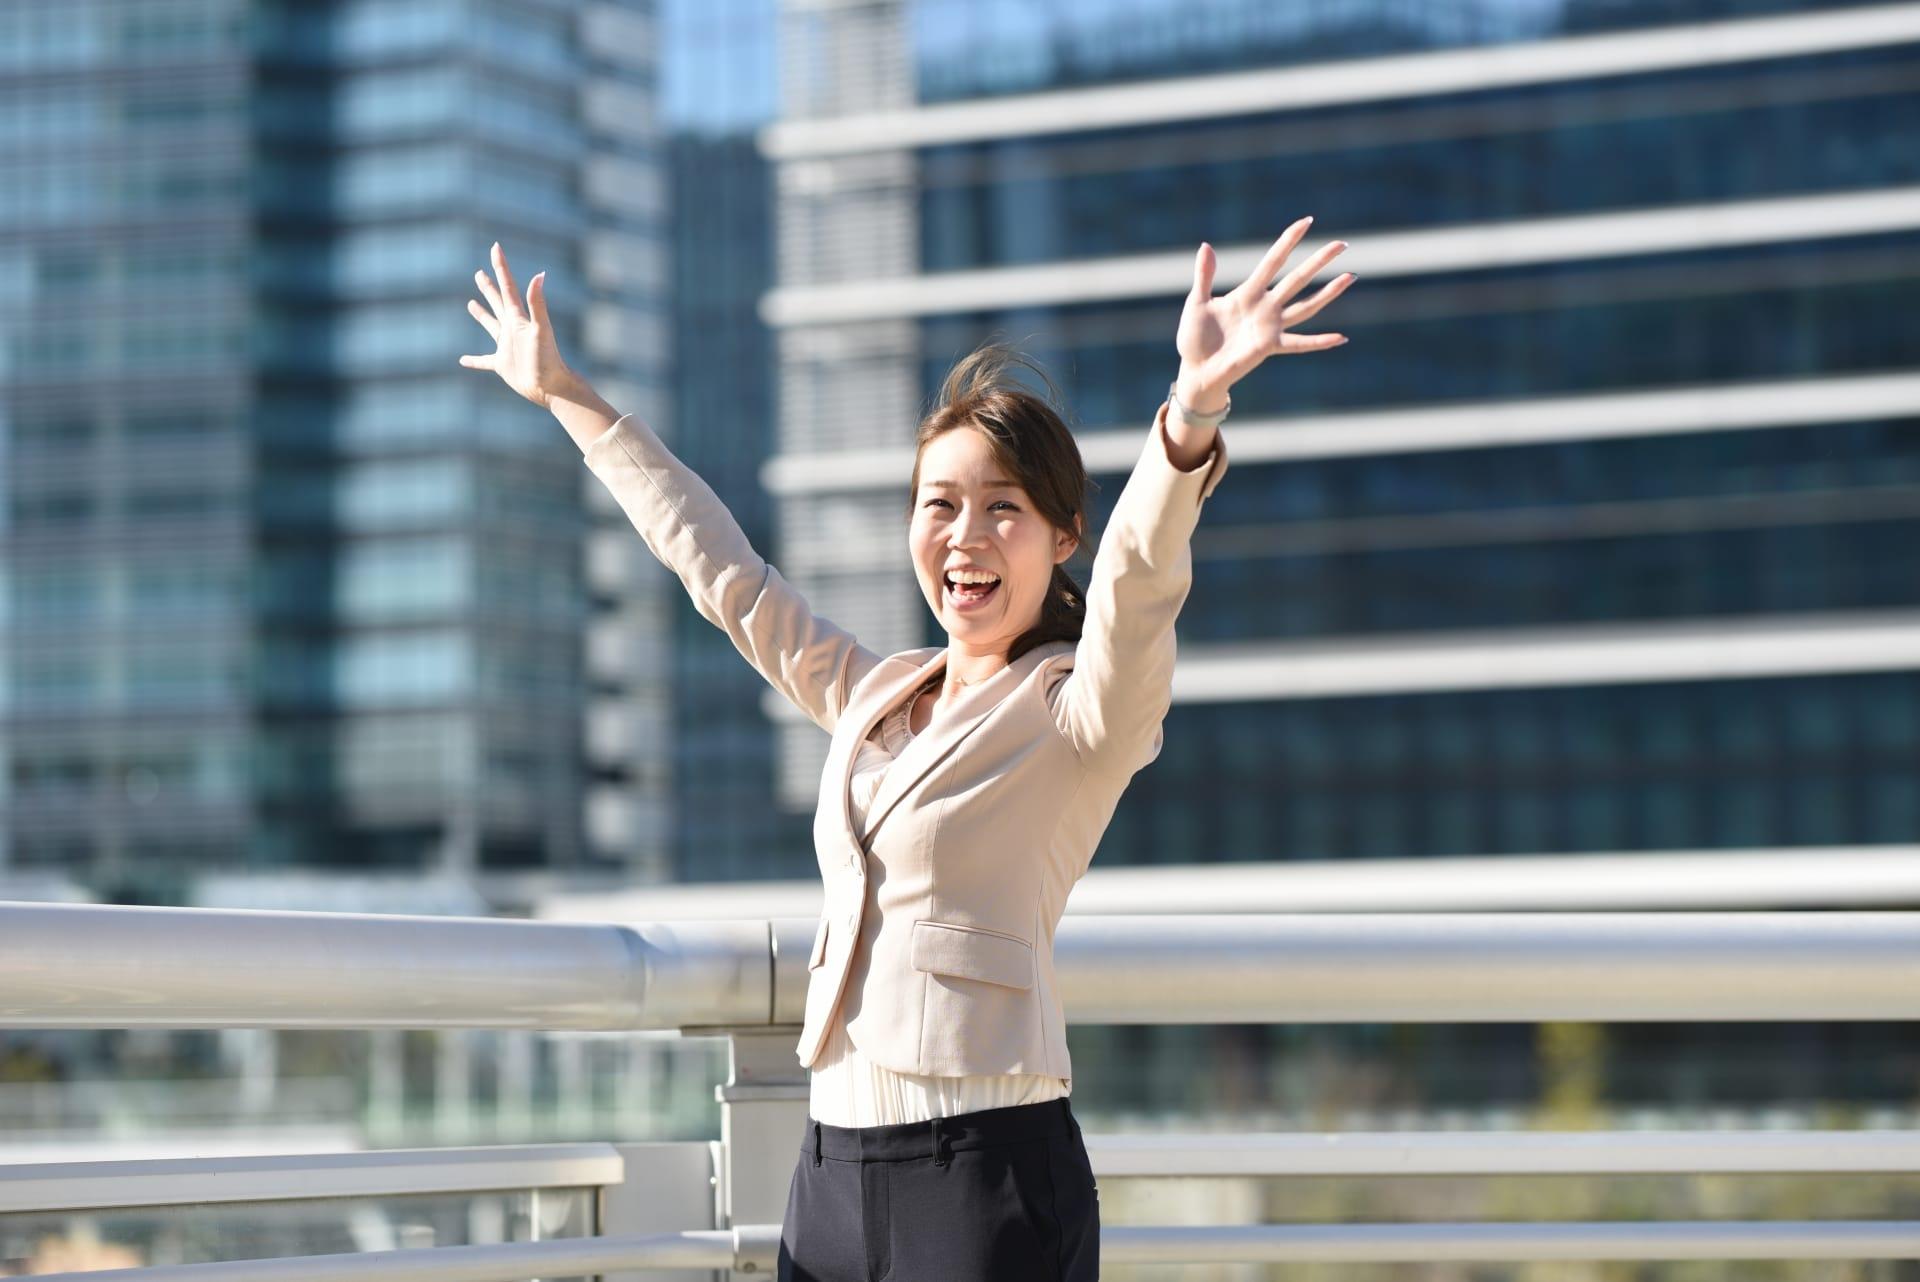 オフィスの前で晴れ晴れする女性